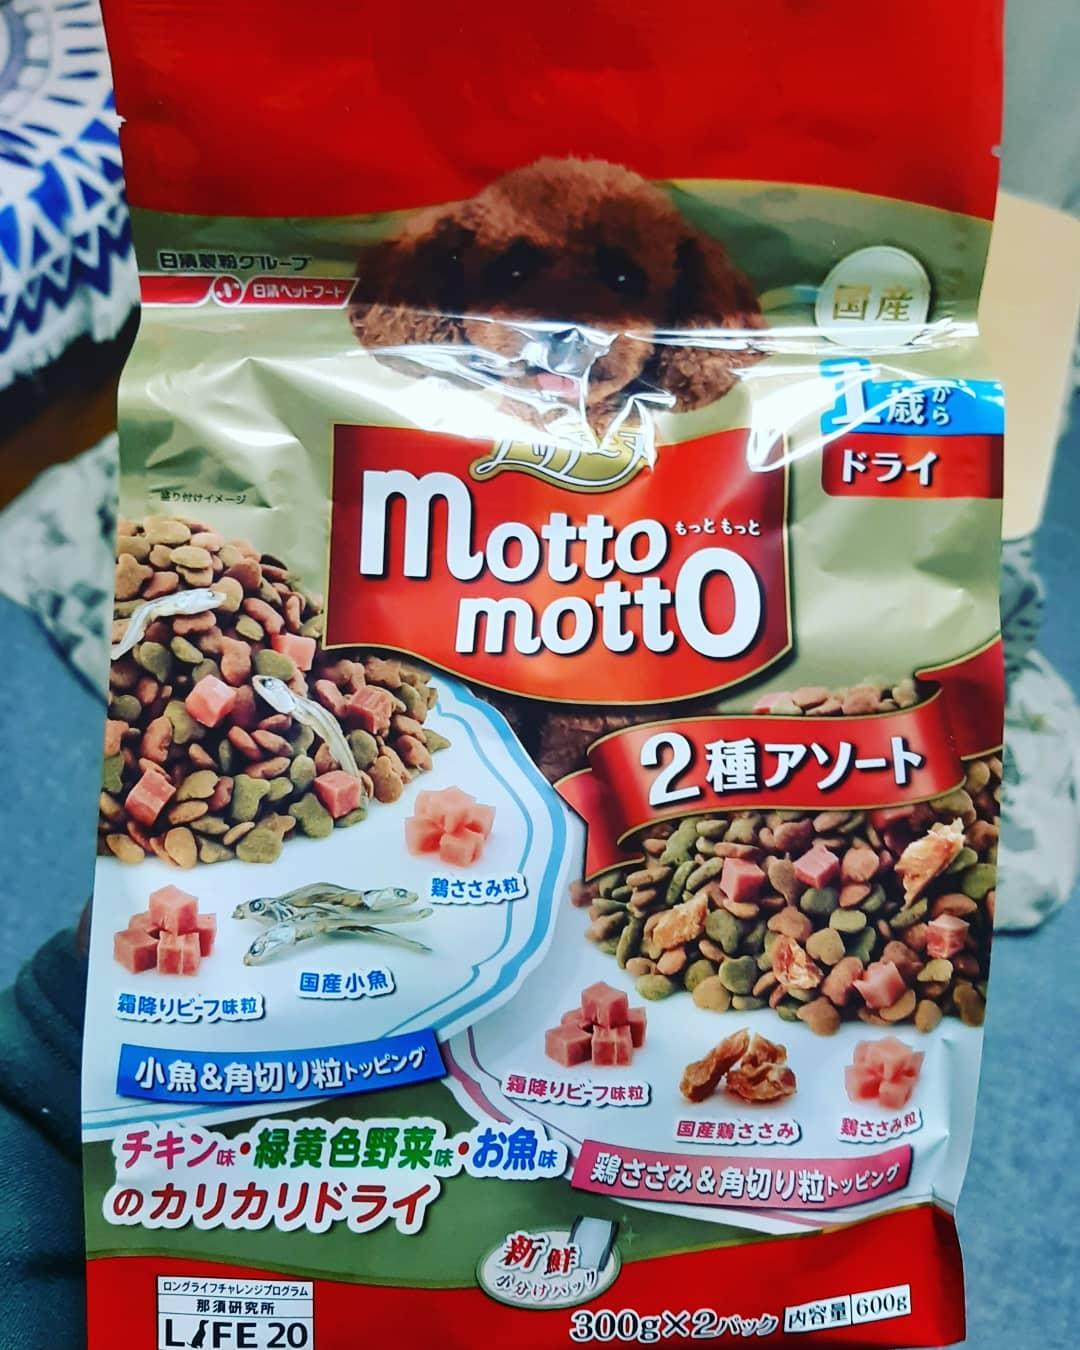 口コミ投稿:日清ペットフード株式会社さんのプッチーヌ mottomottoを頂きました❤くむちゃん前歯…